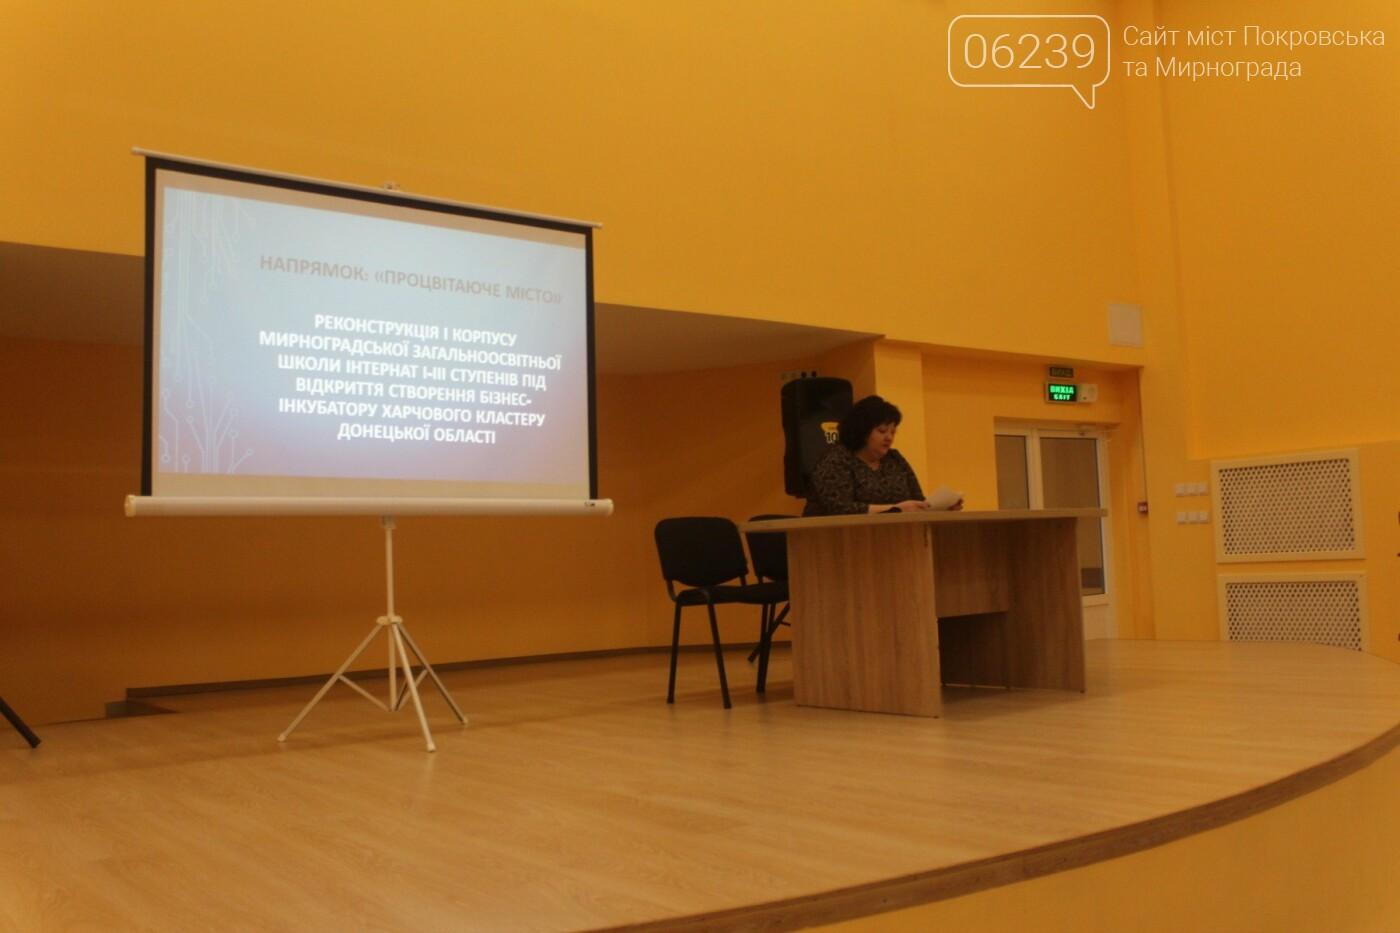 Стало известно, когда в Мирнограде заработают две новые модульные котельные, фото-1